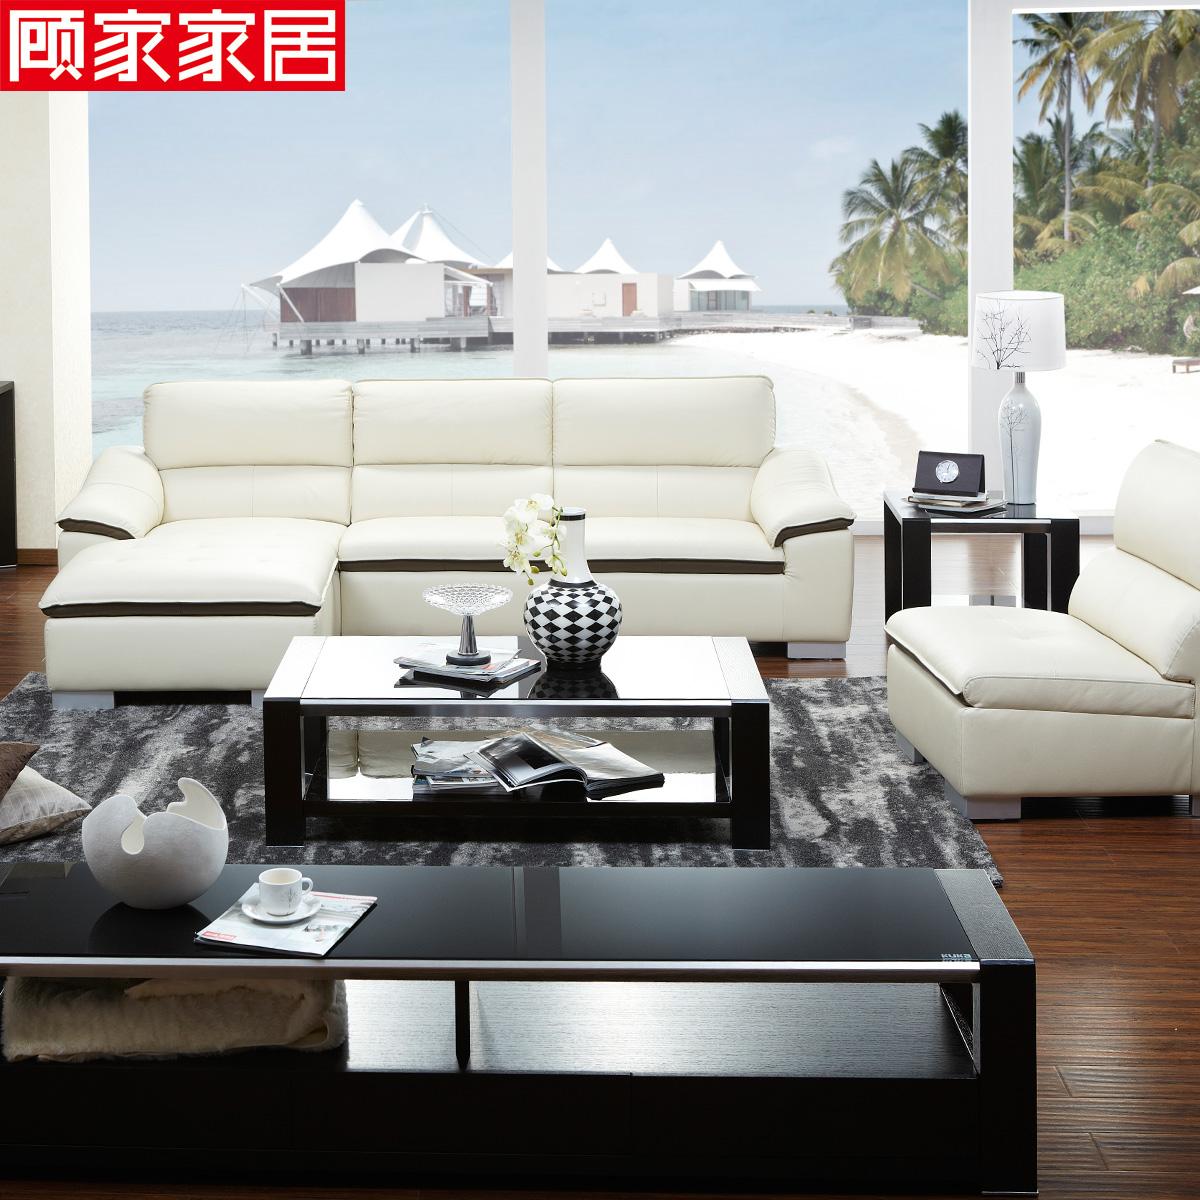 顾家家居 专柜正品 客厅真皮沙发组合 现代简约牛皮沙发组合 1759